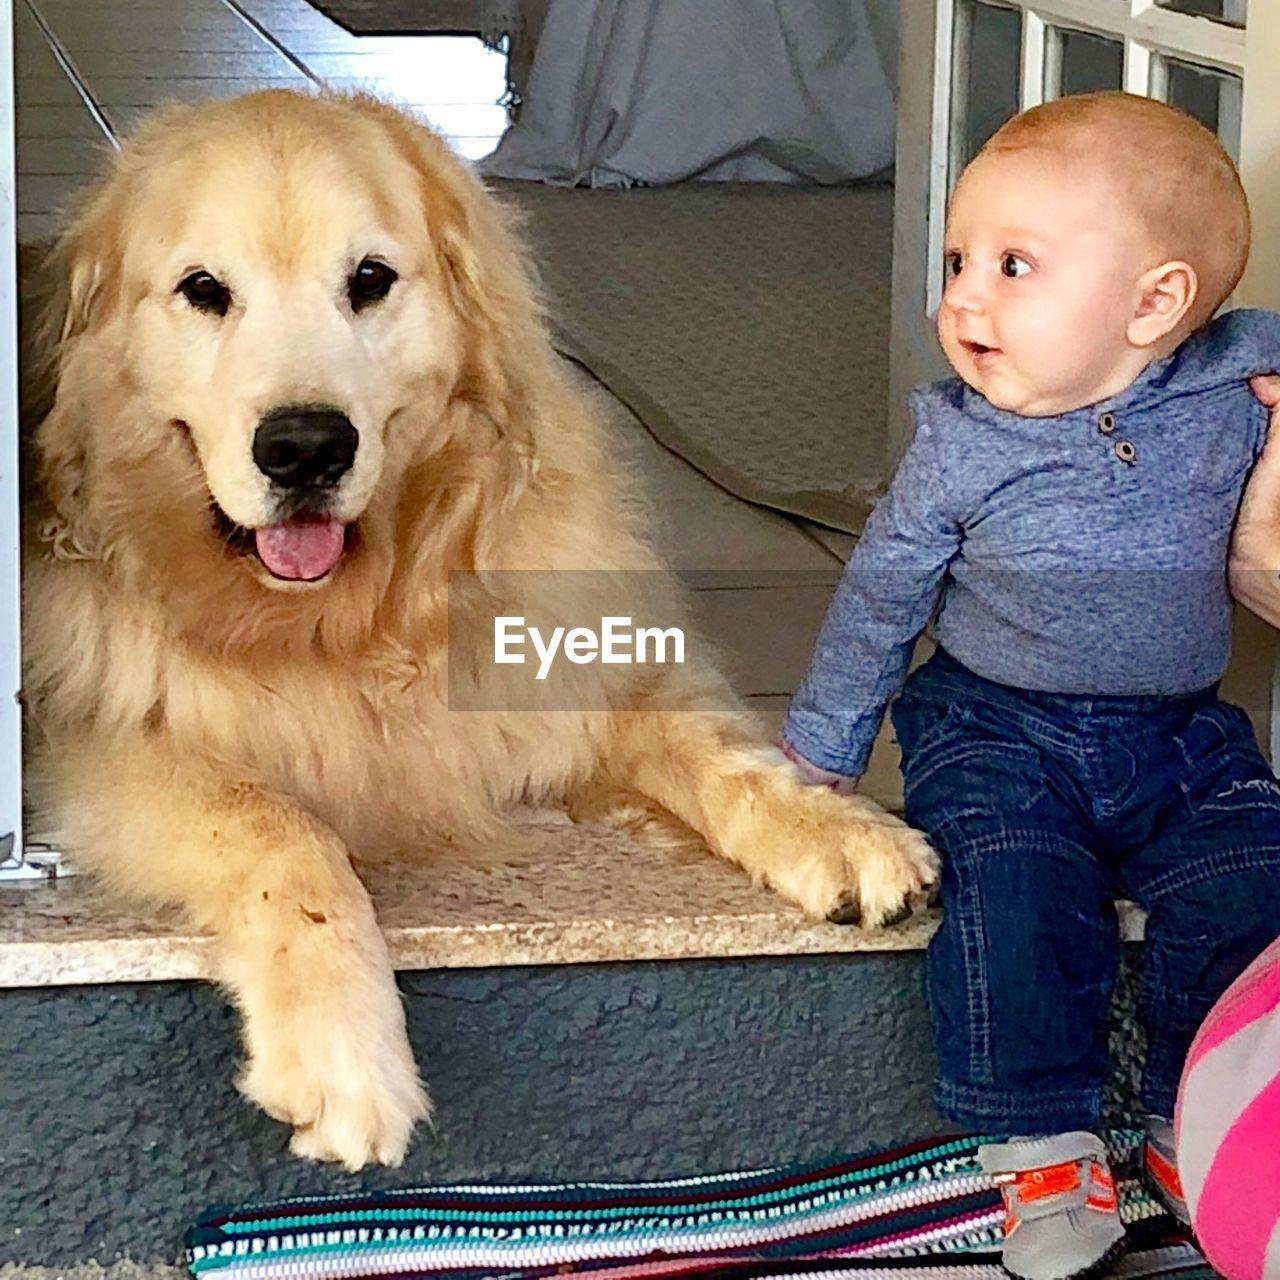 Cute baby boy looking at dog